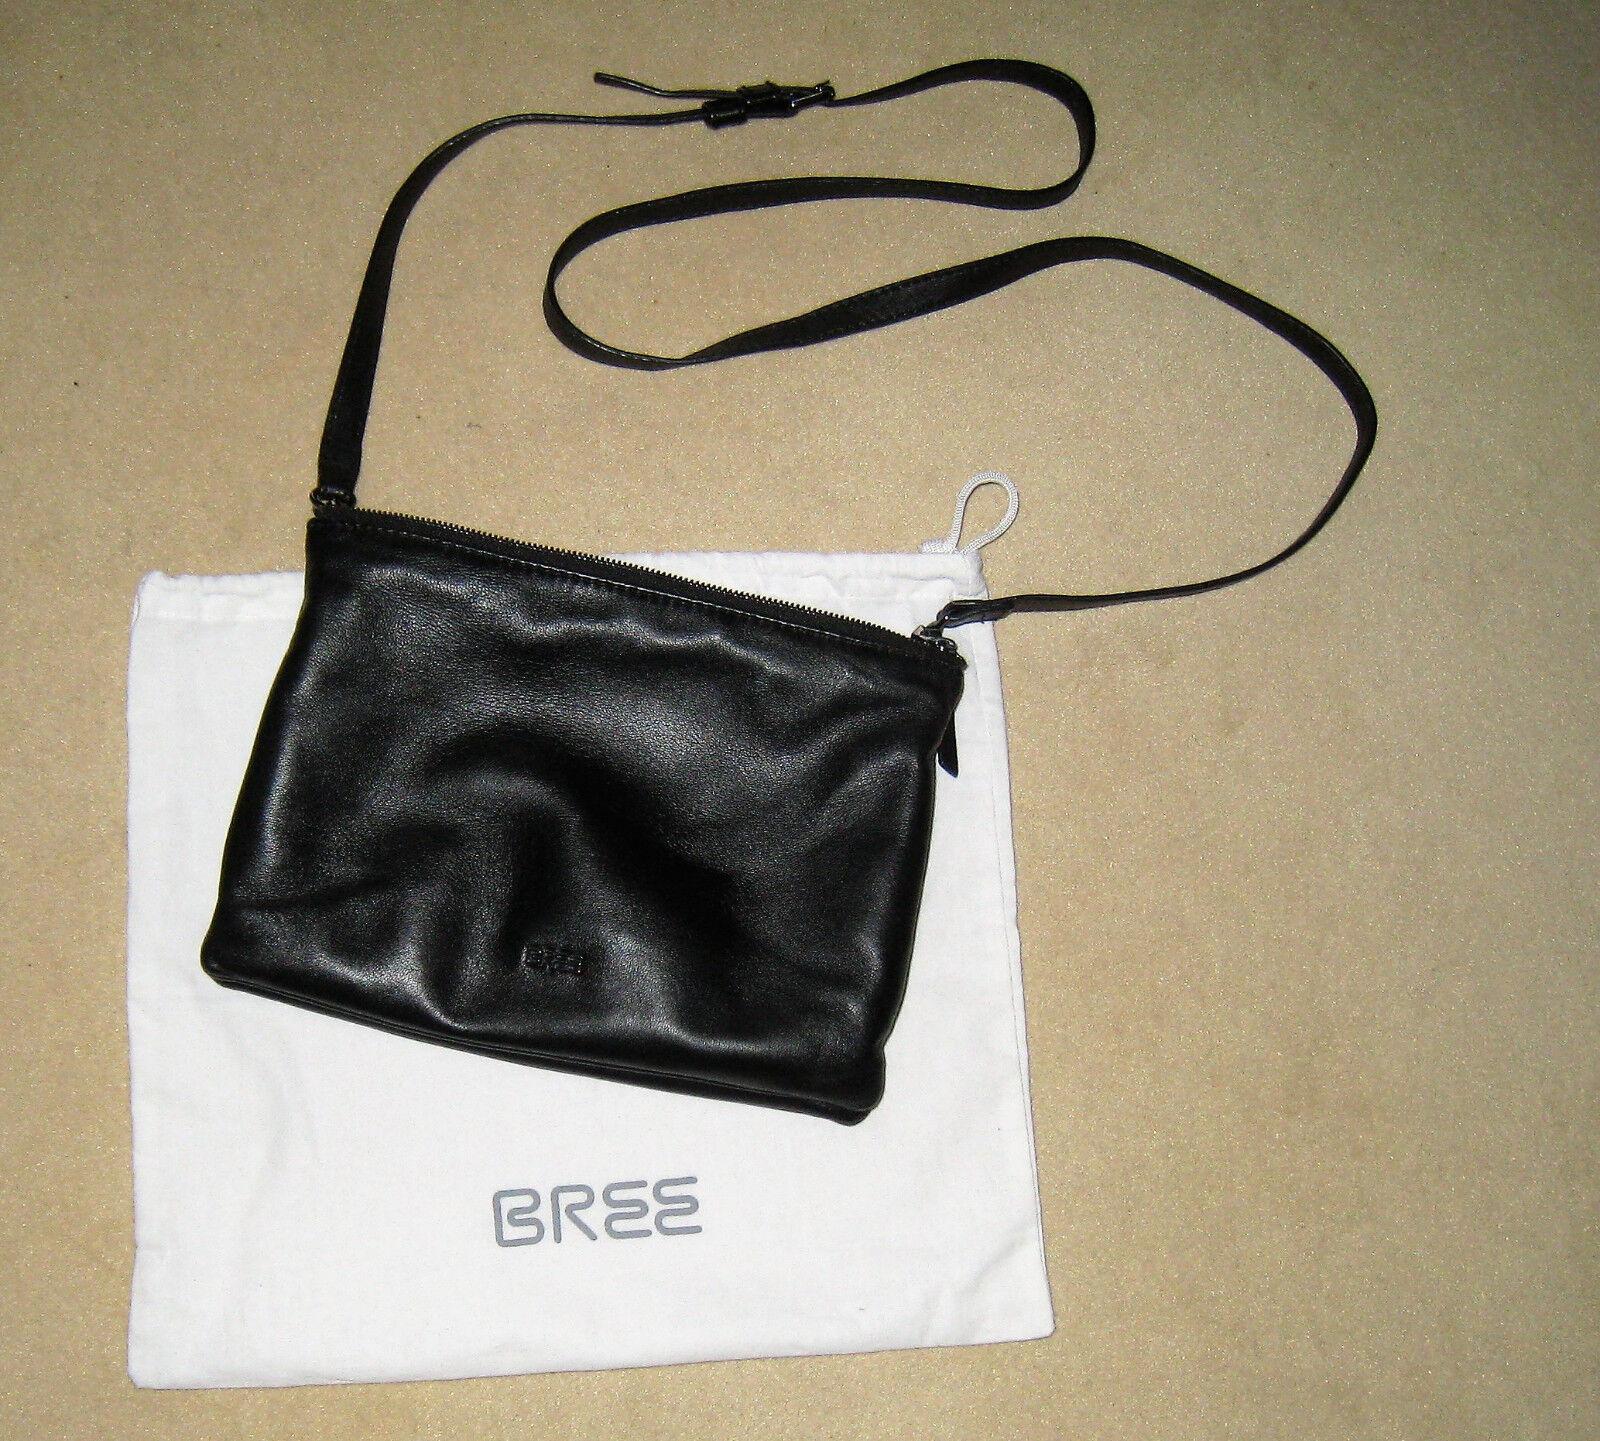 BREE Handtasche Brigitte 28 Clutch  Schwarz 17.5x2x25 17.5x2x25 17.5x2x25 cm   Exquisite (mittlere) Verarbeitung  9926bd